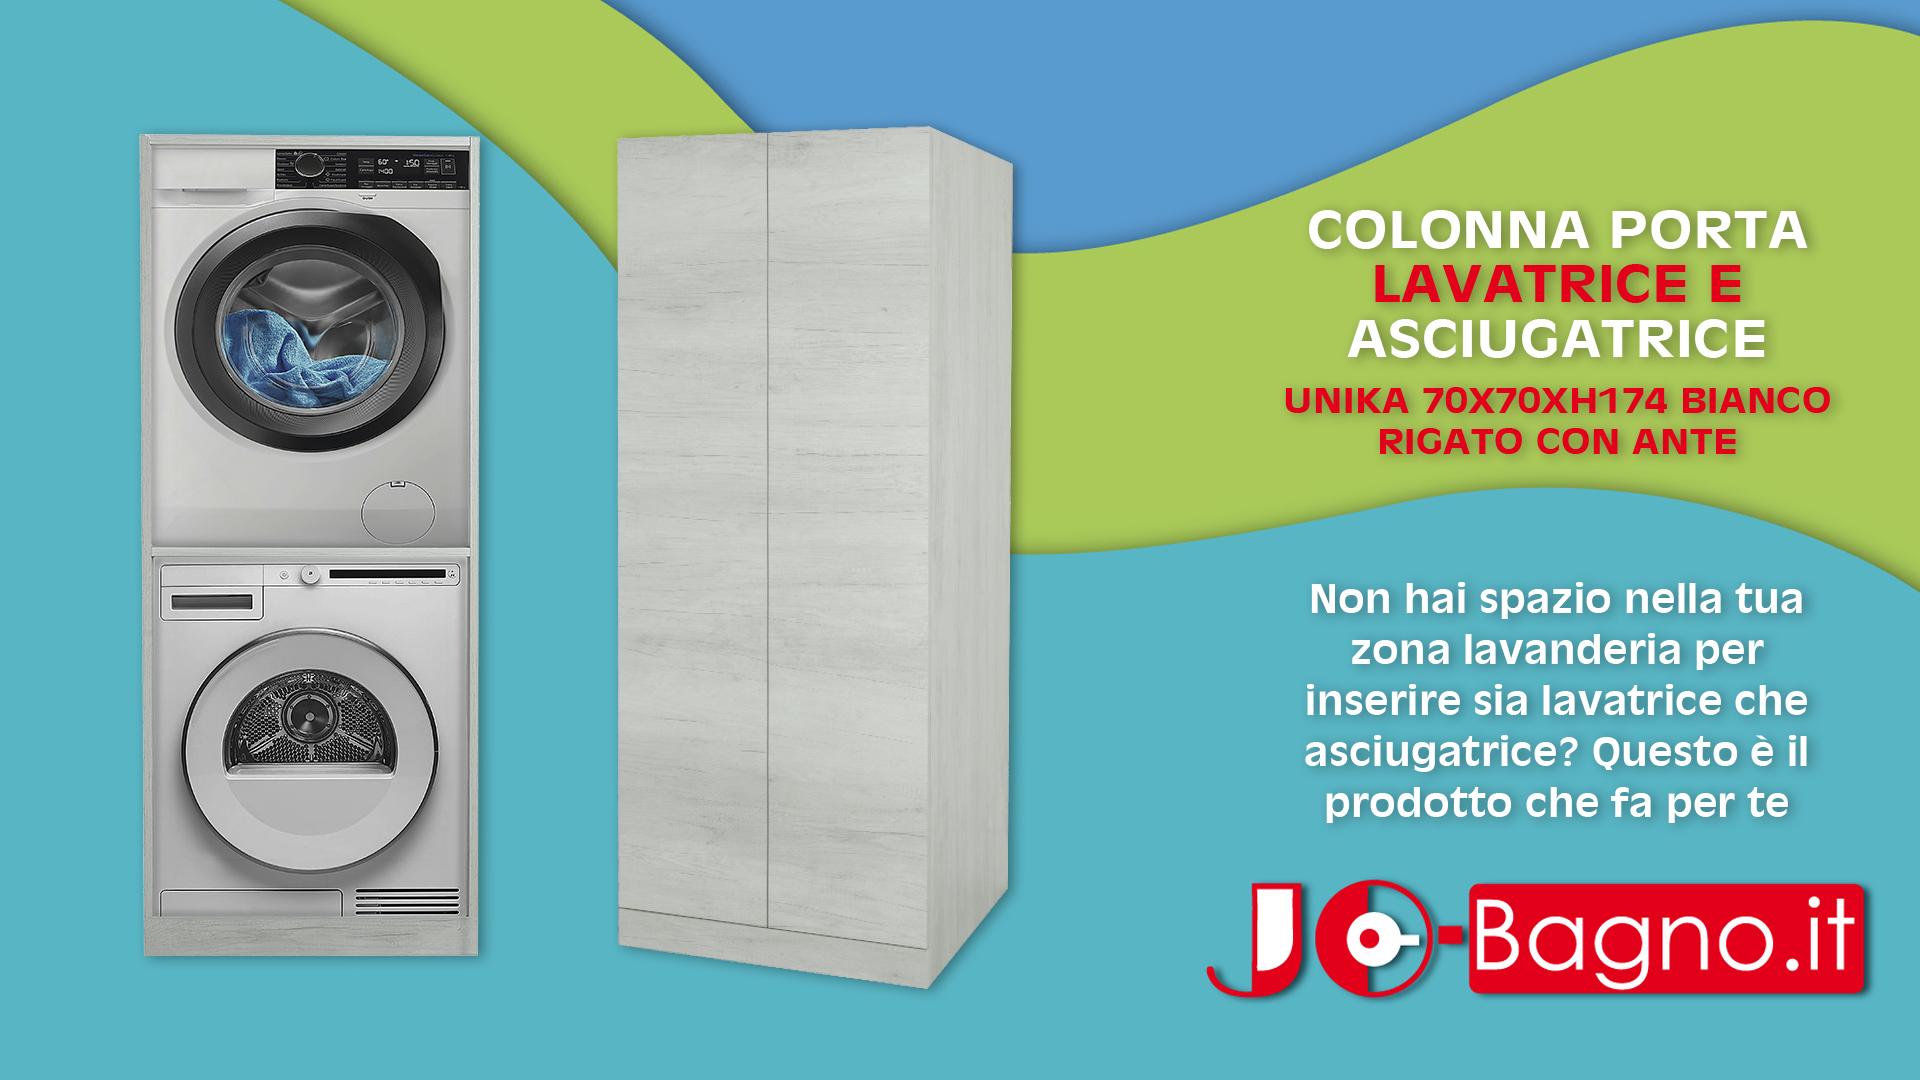 Colonna Per Lavatrice E Asciugatrice colonna lavatrice-asciugatrice unika 70x70 con ante